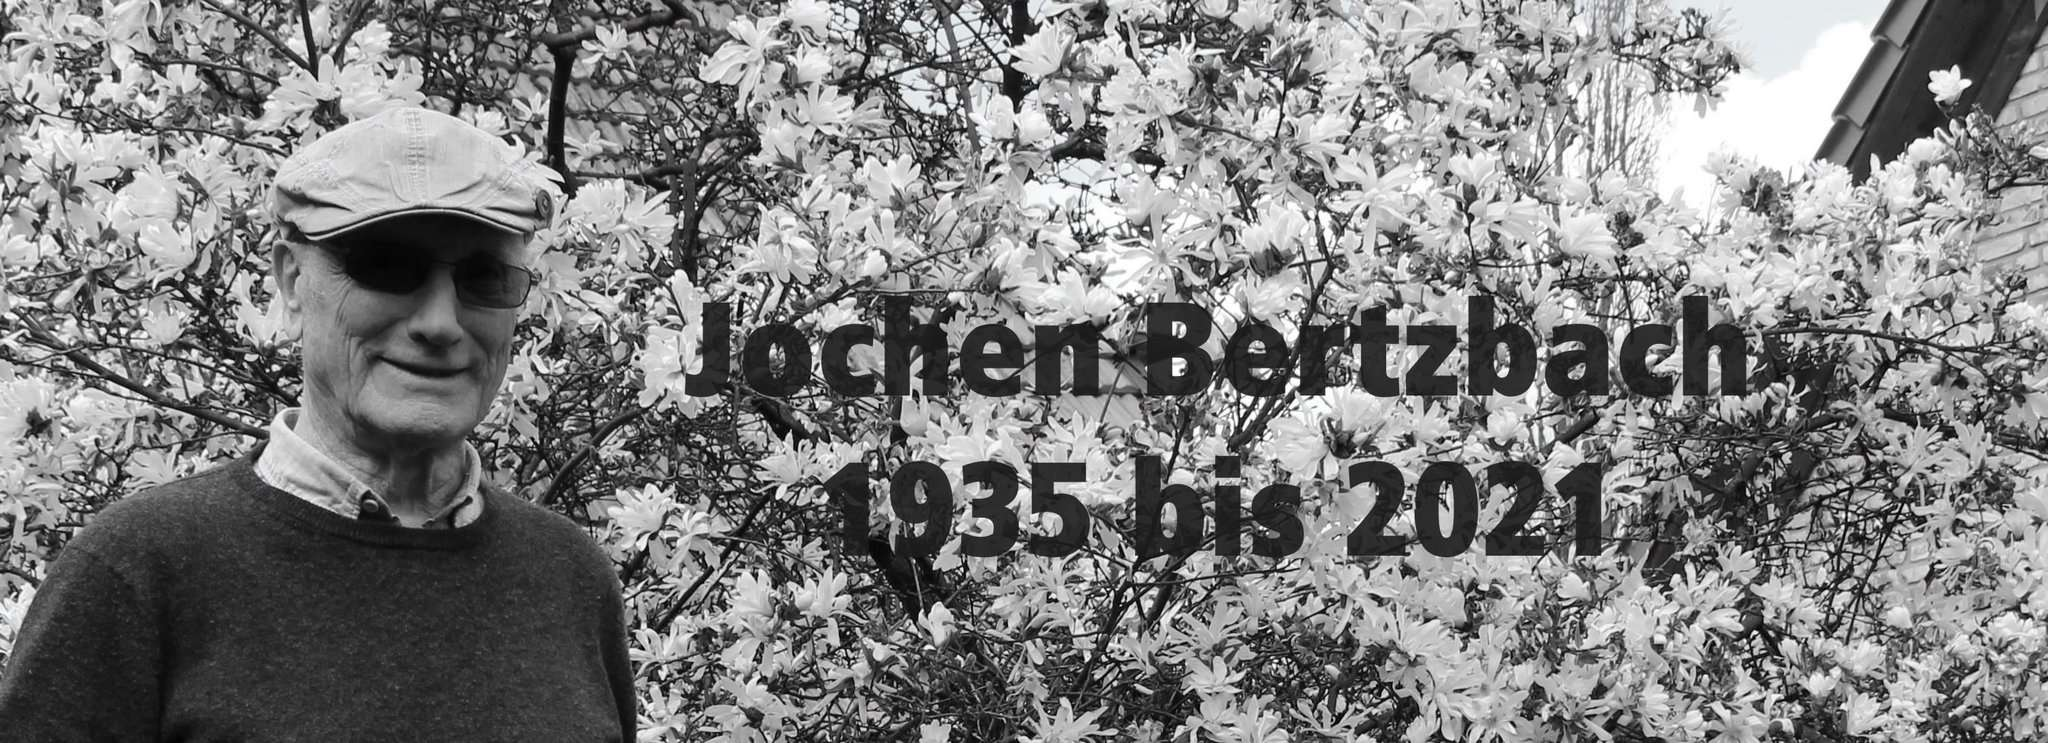 Jochen Bertzbach ist am Sonntag überraschend gestorben. Foto: Björn Blaak